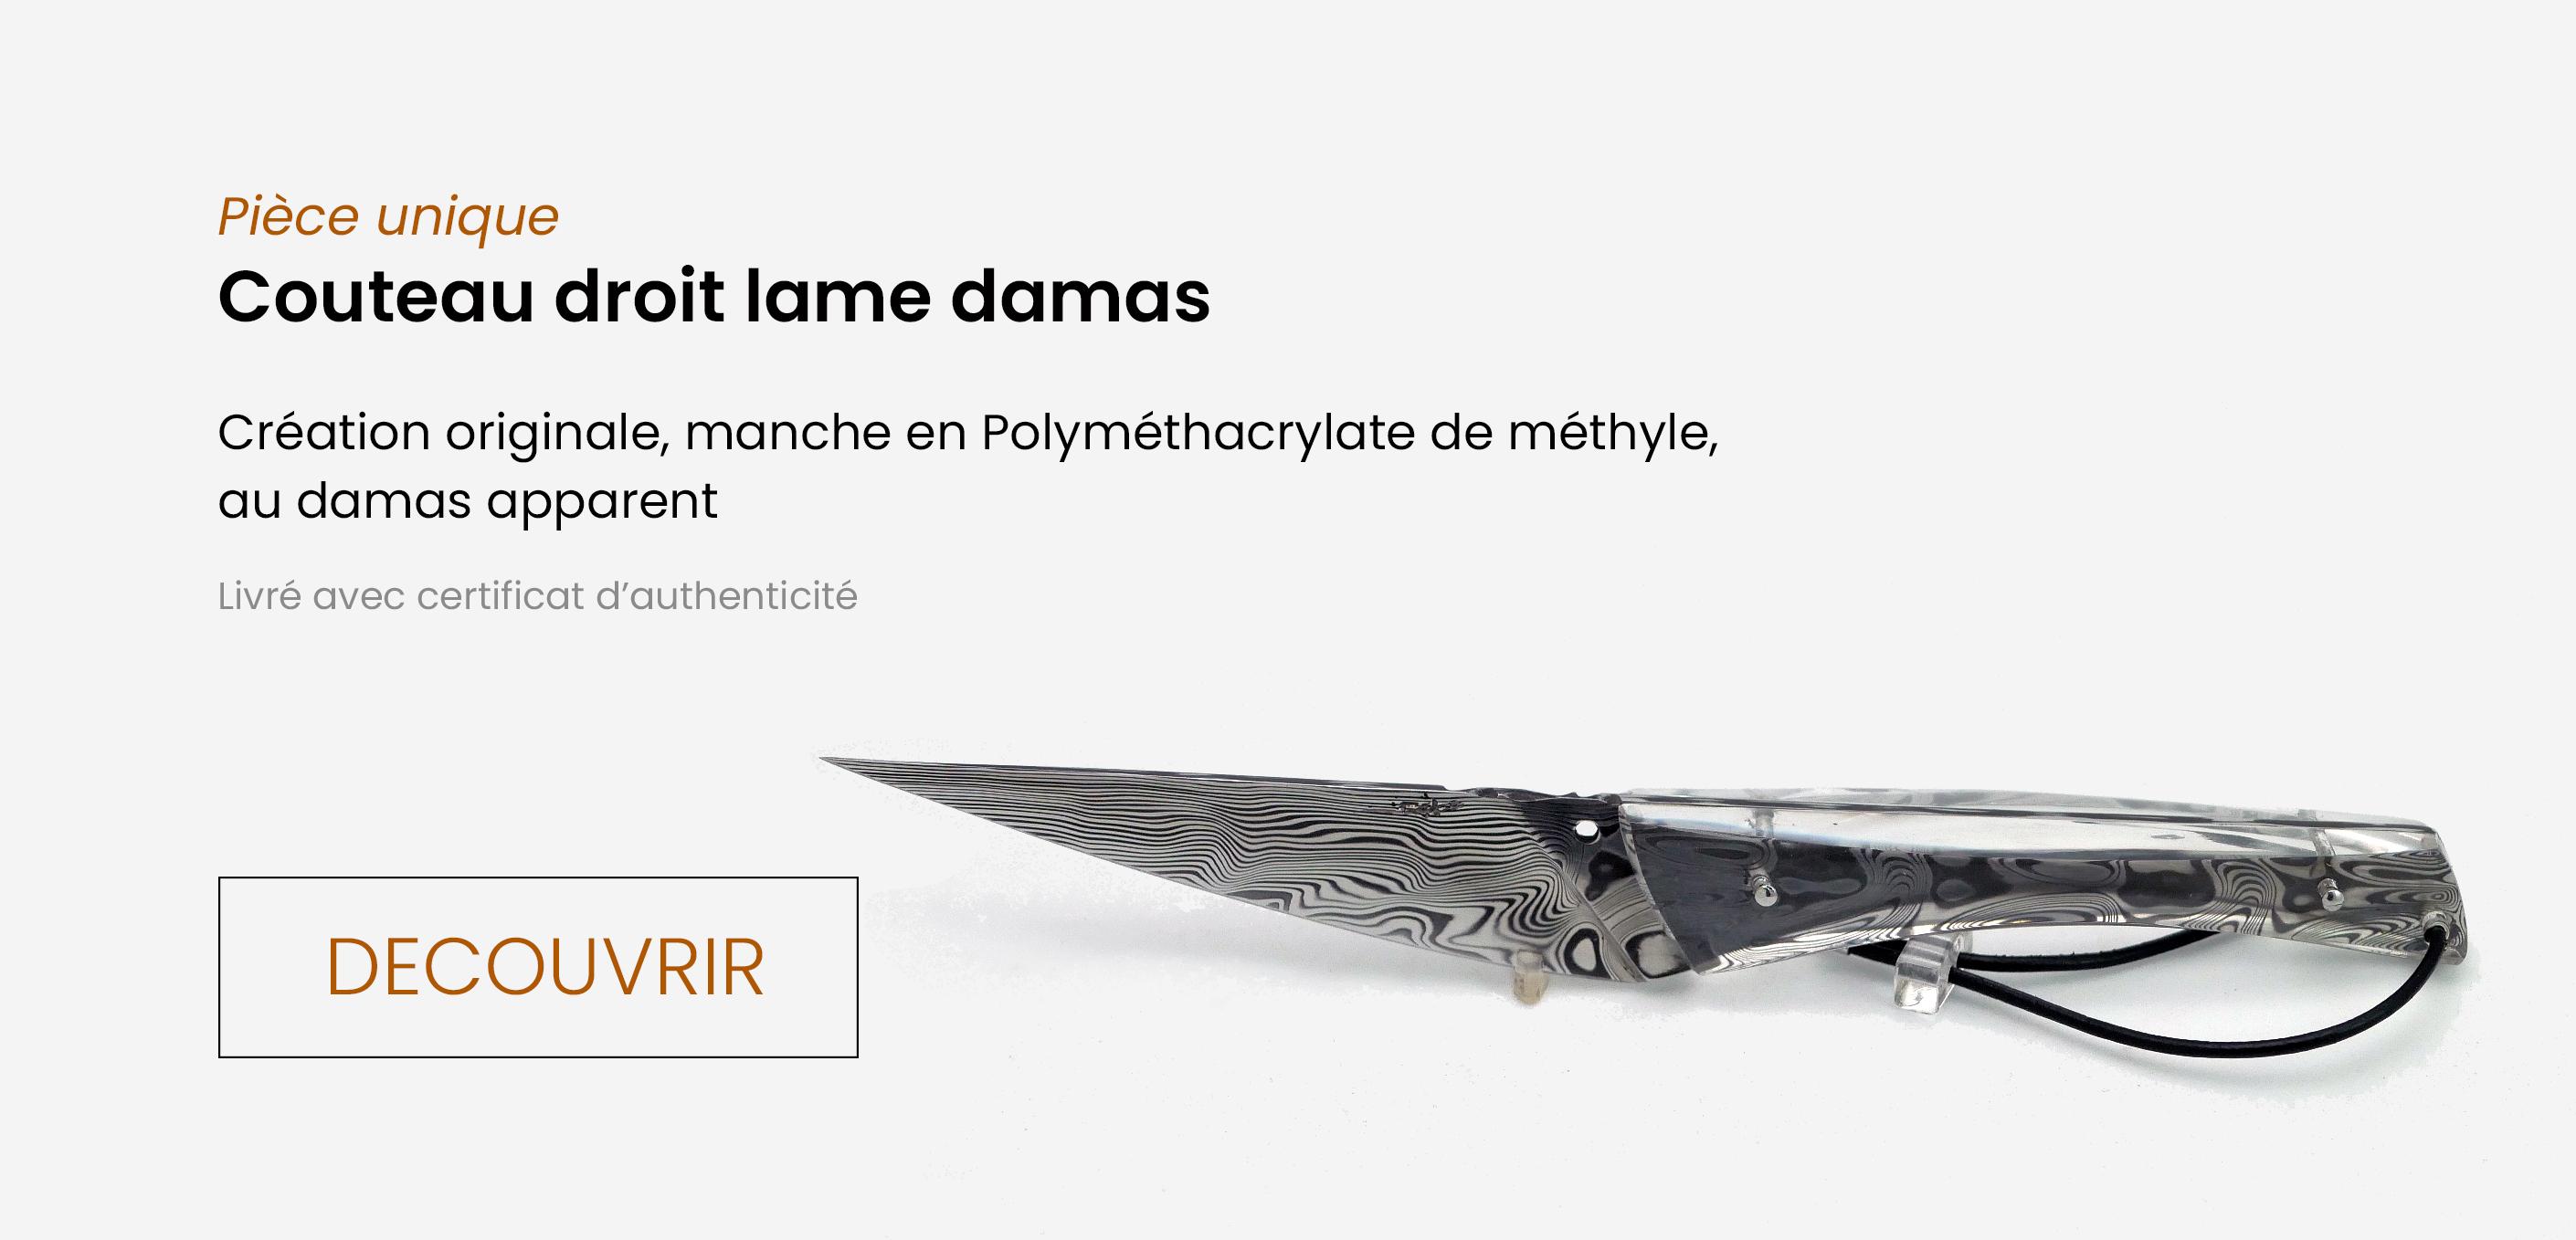 Couteau droit lame damas, pièce unique : création originale, manche en polyméthacrylate de méthyle, au damas apparent, livré avec certificat d'authenticité